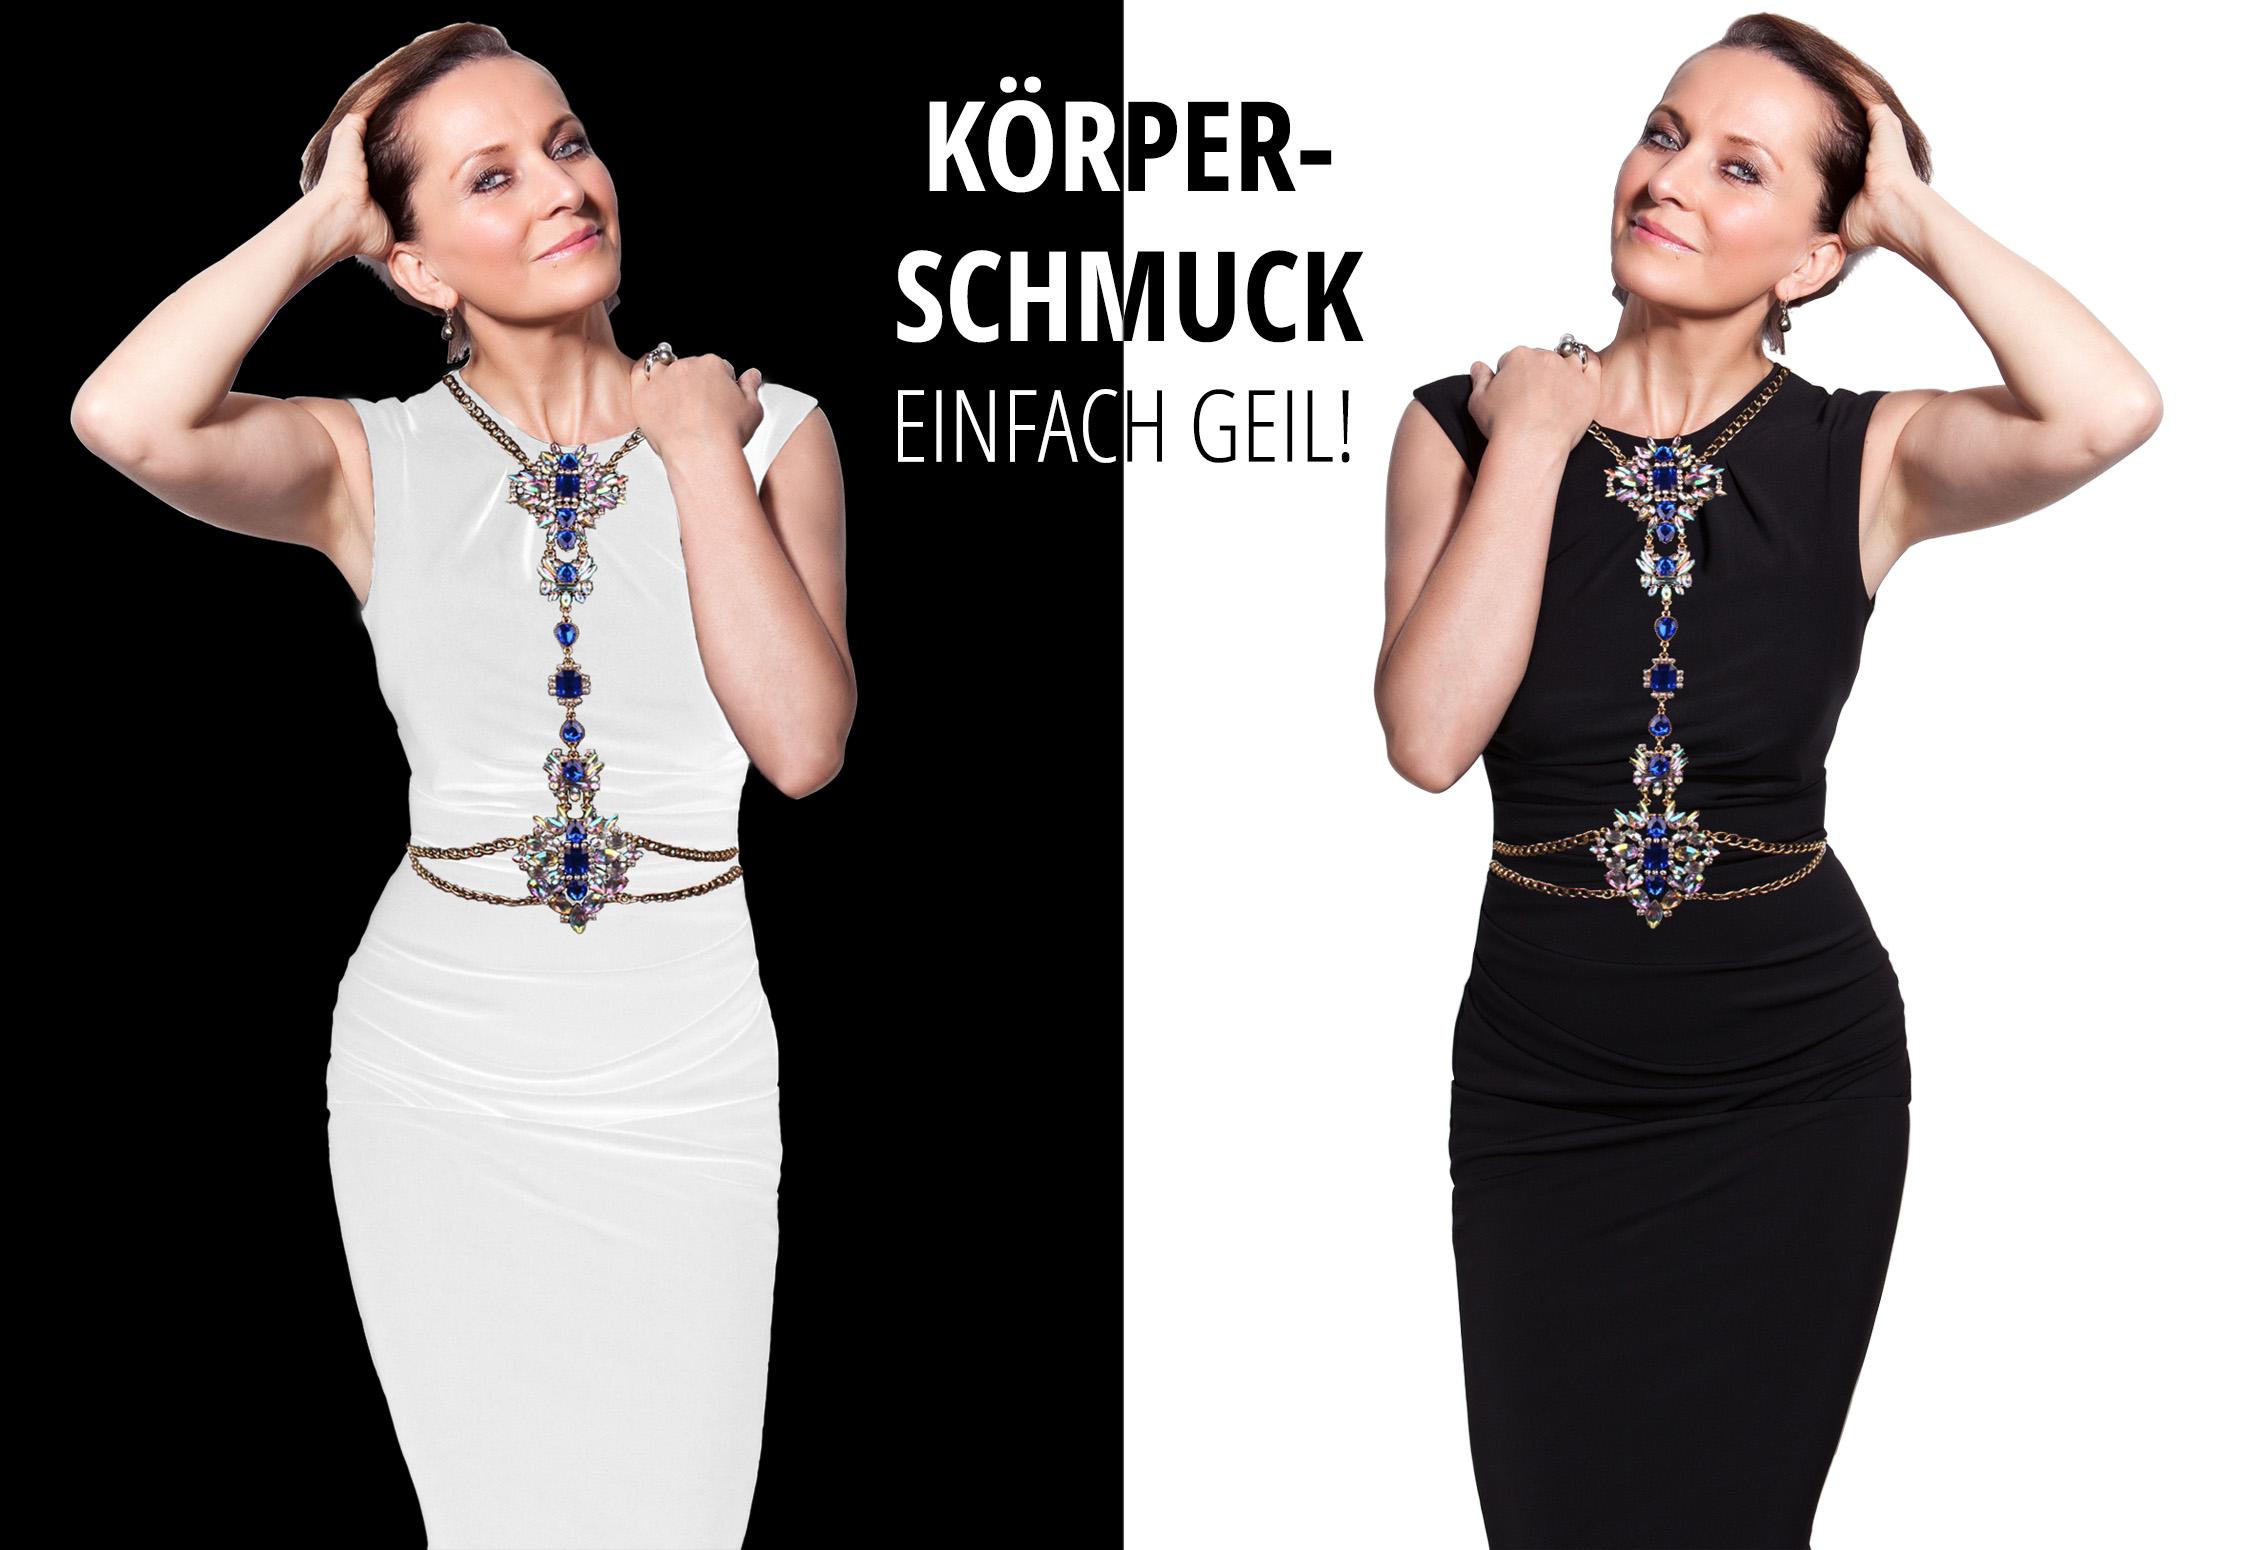 K-rperschmuck-Startseite_einfach-geil